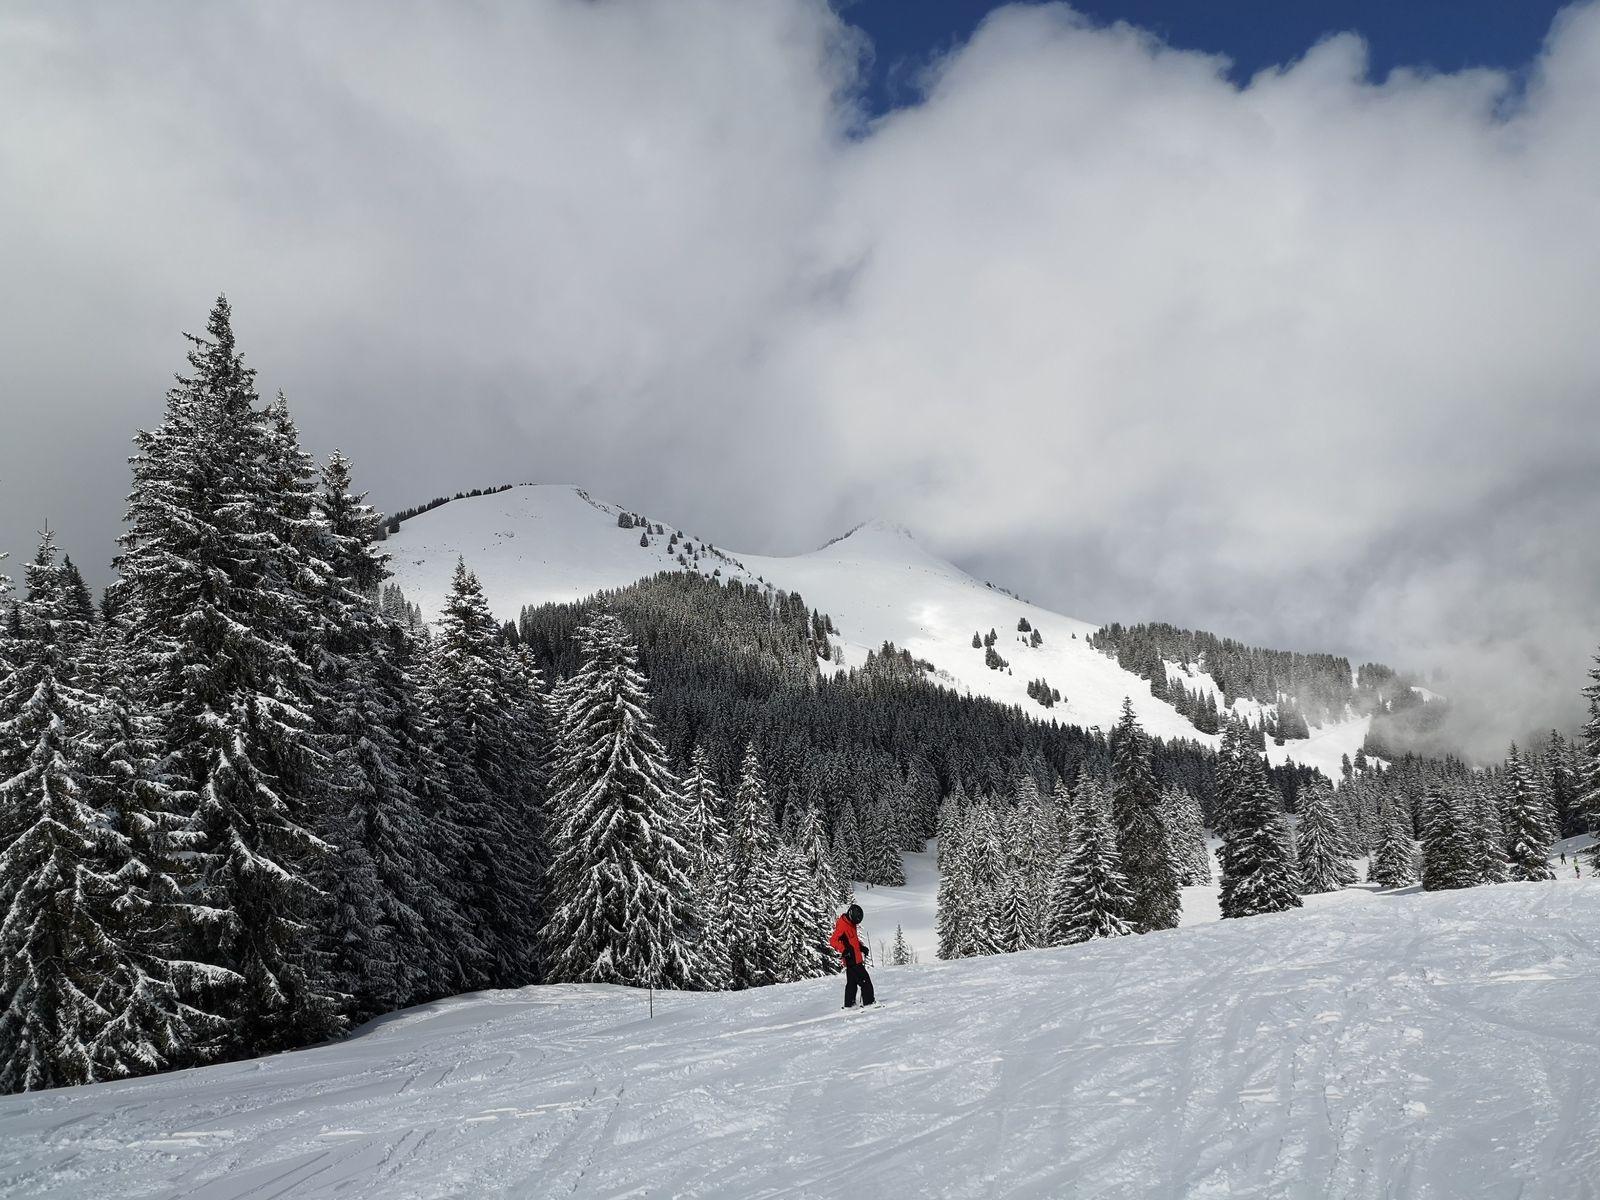 L'ambiance est déjà plus appropriée pour des vacances de sports d'hiver.